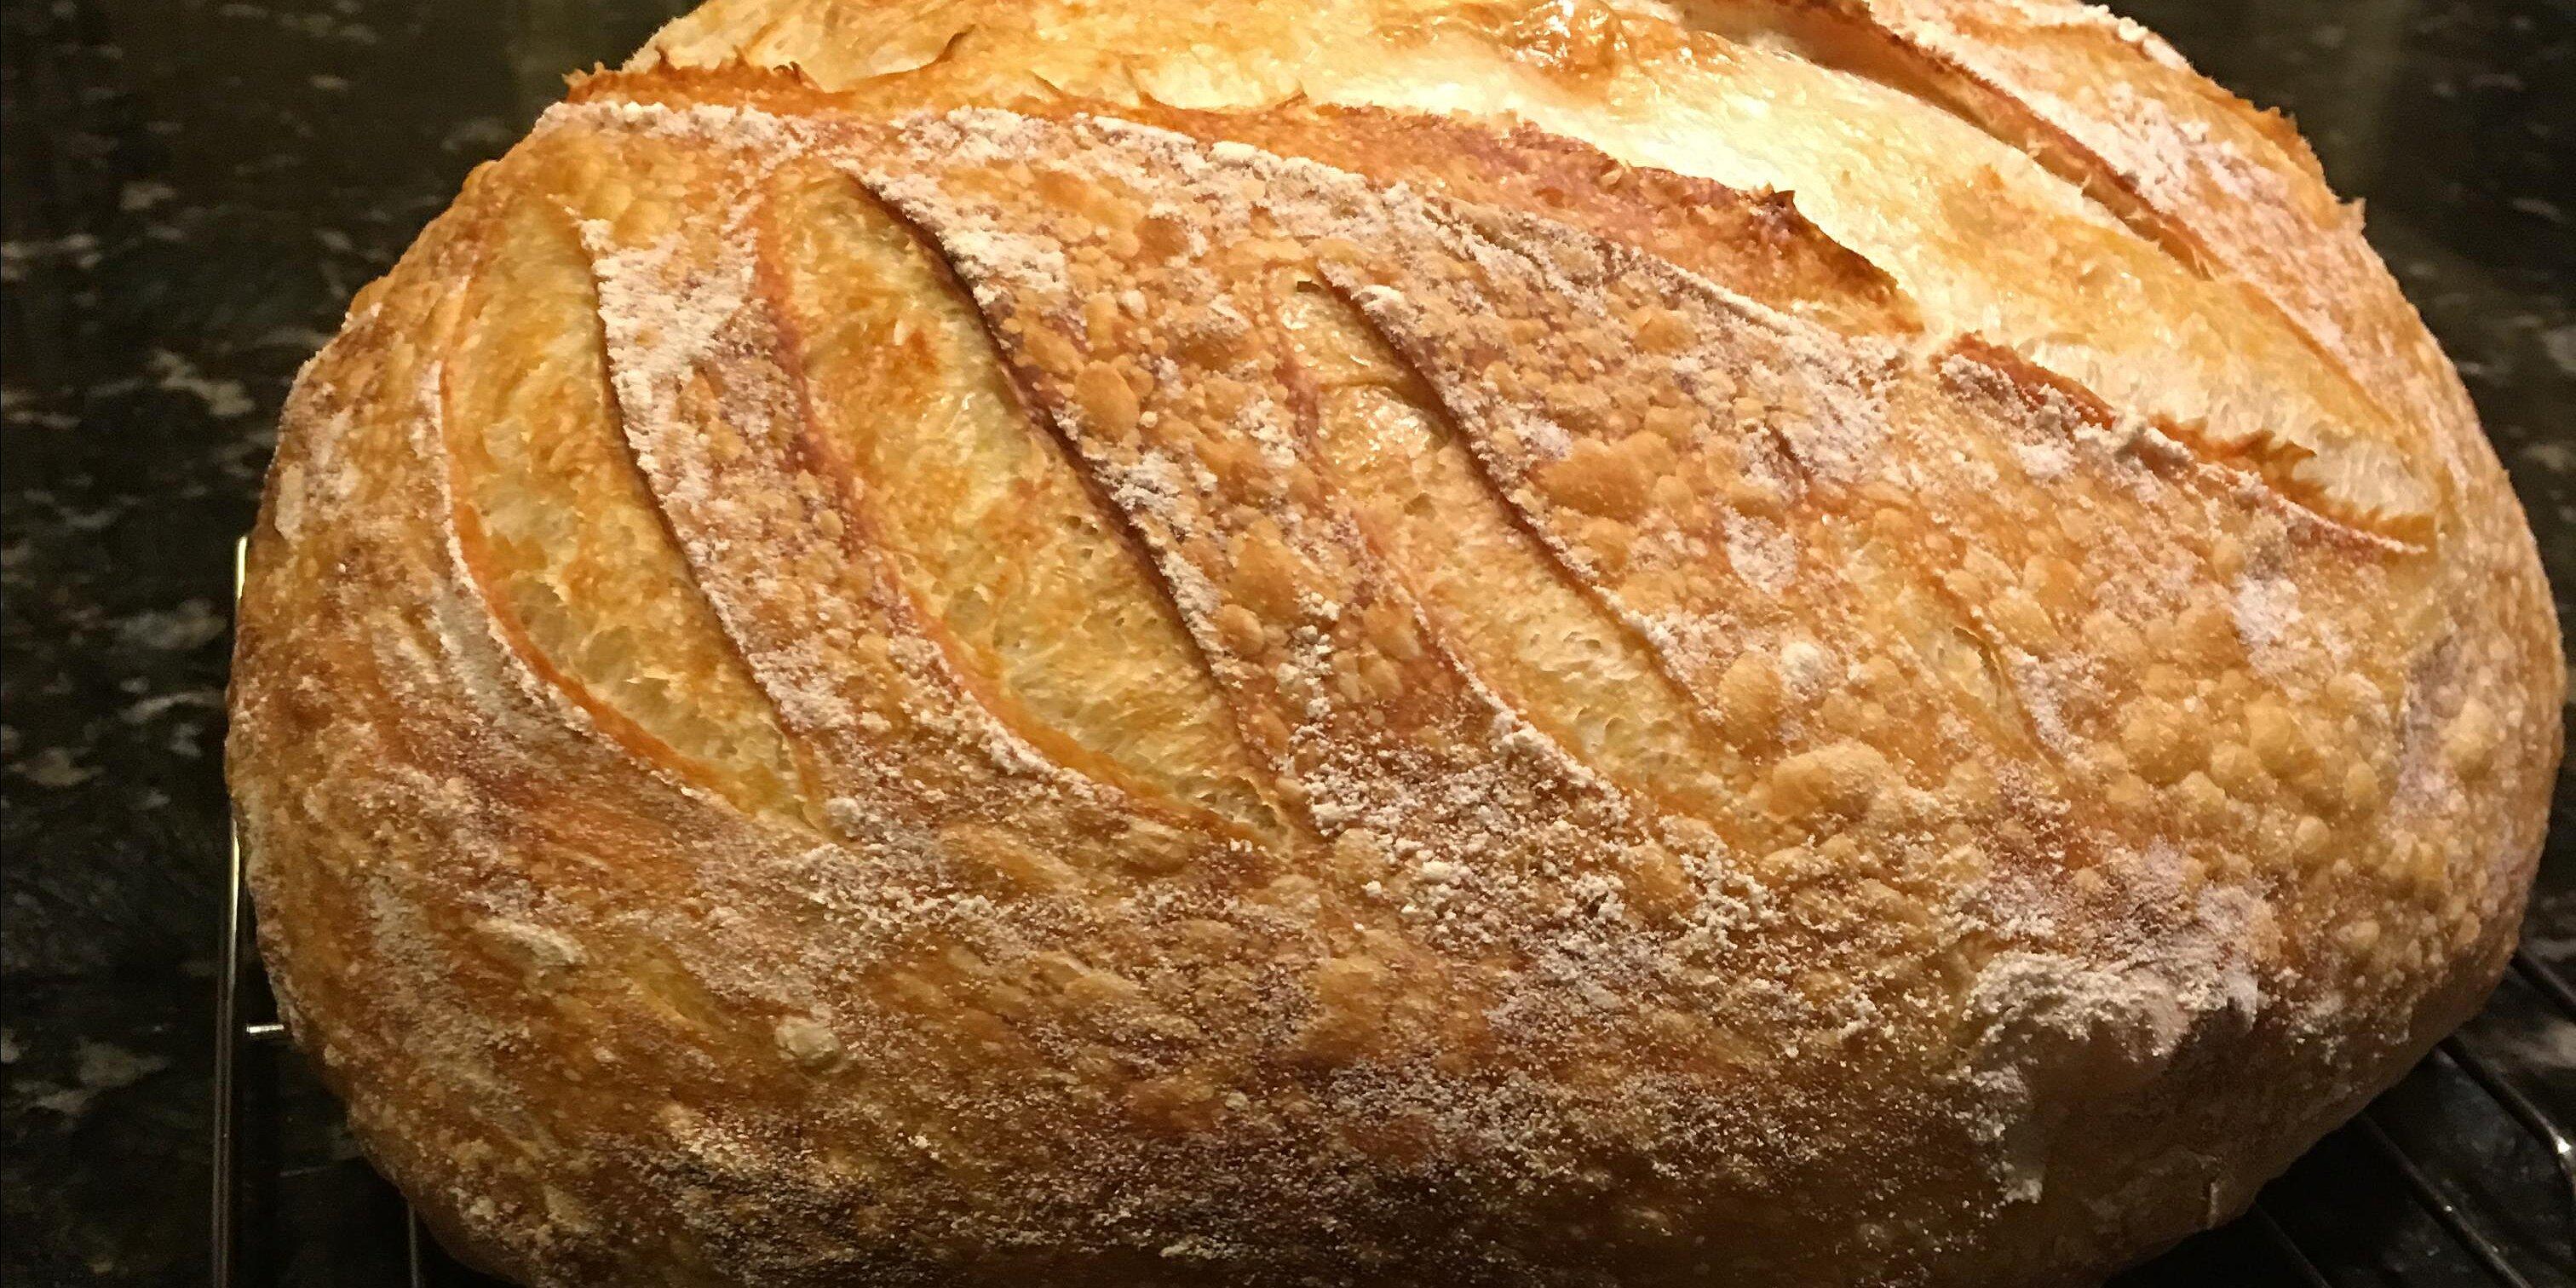 chef johns sourdough bread